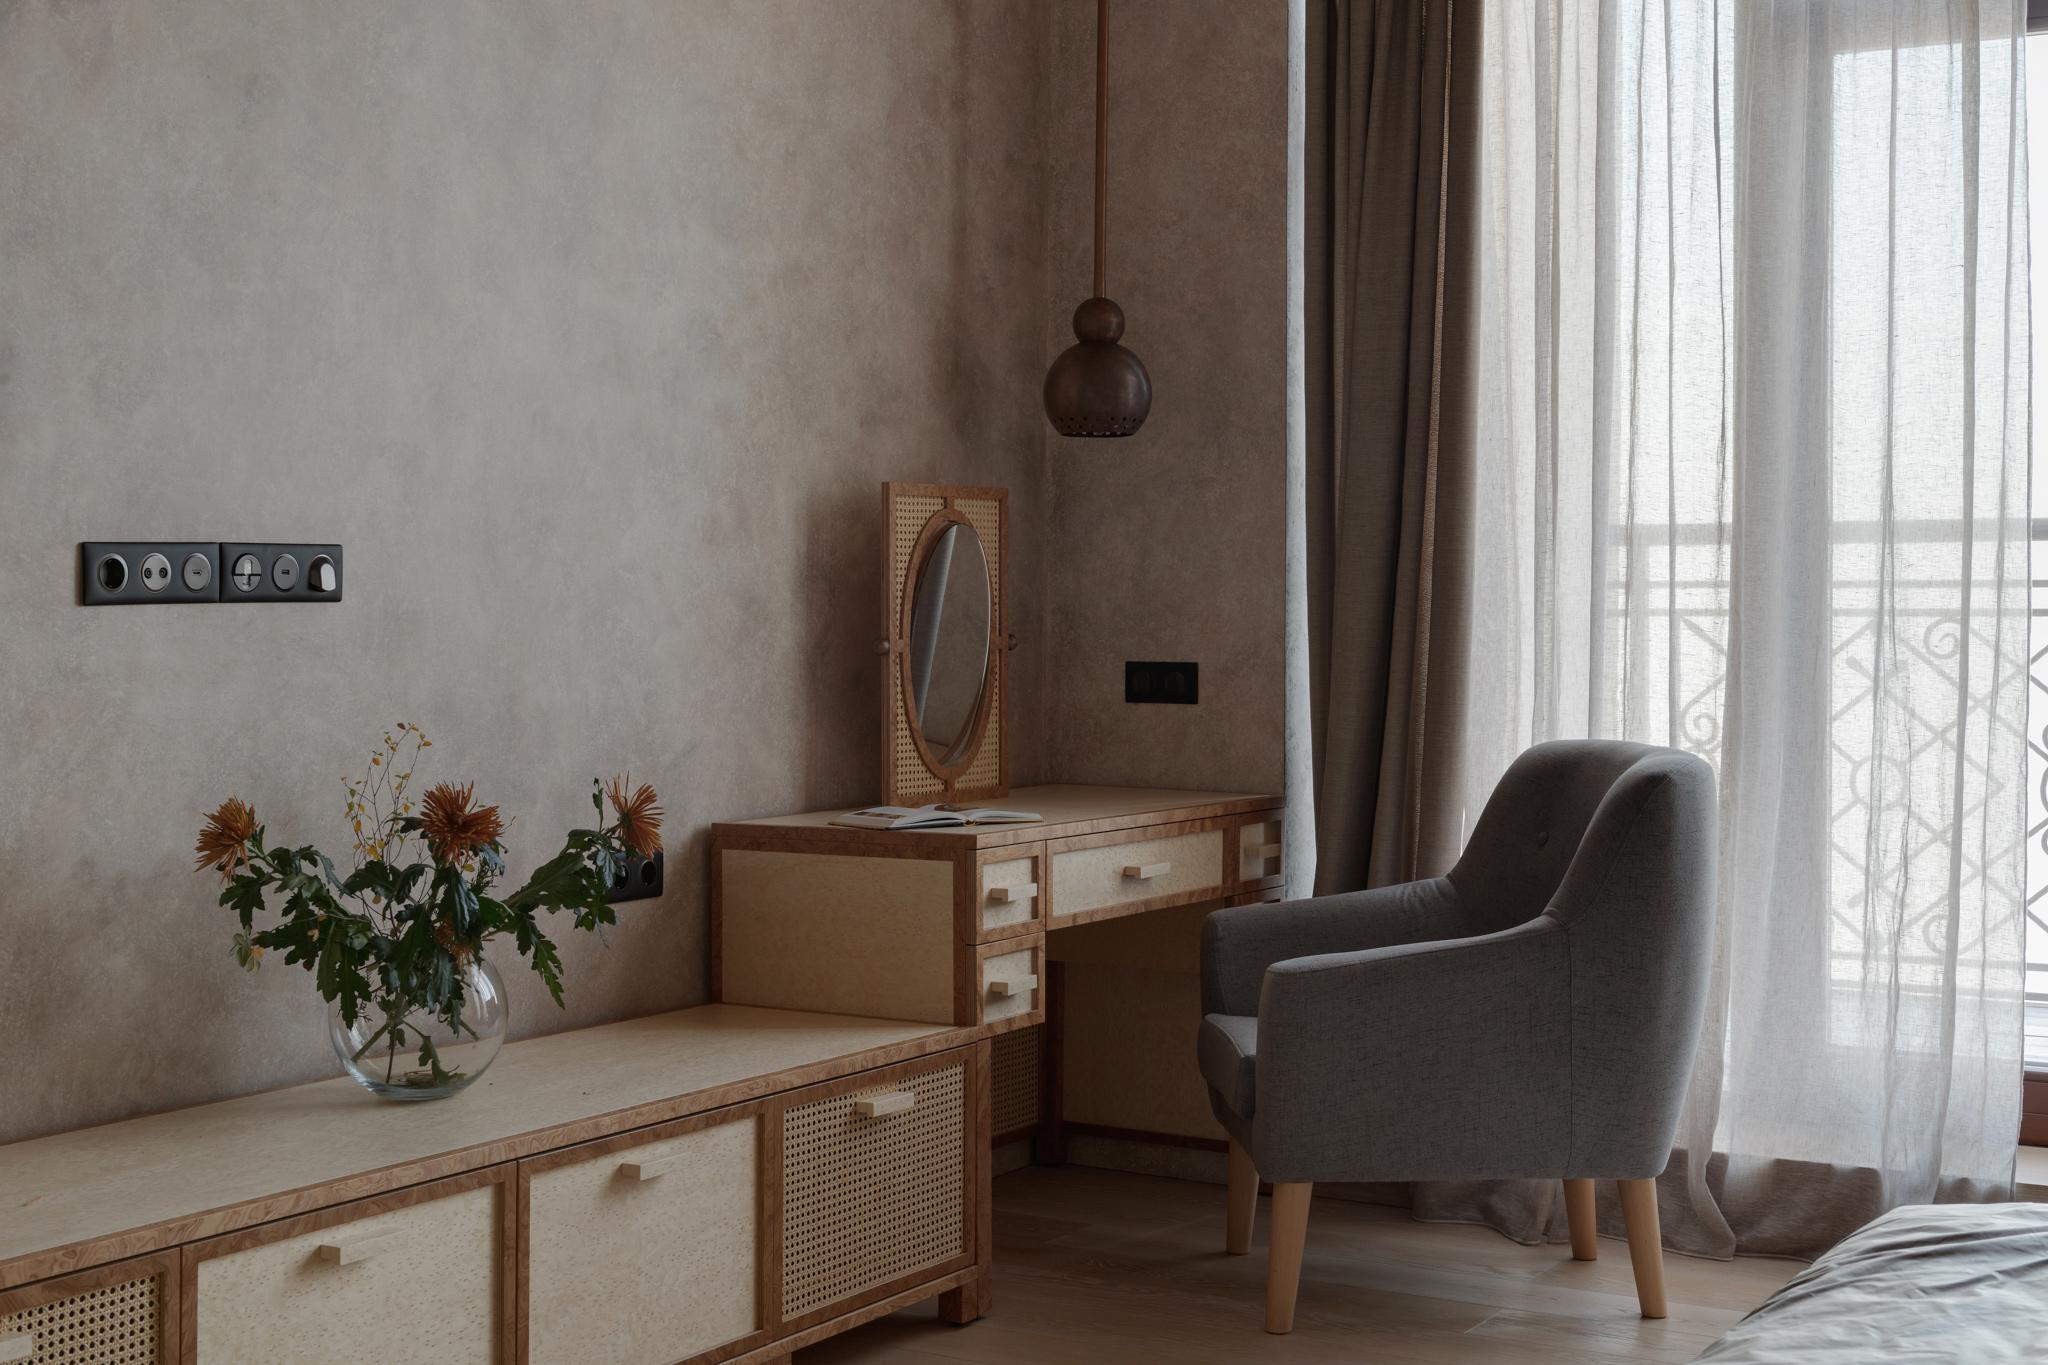 Мебель из фанеры и натурального ротанга